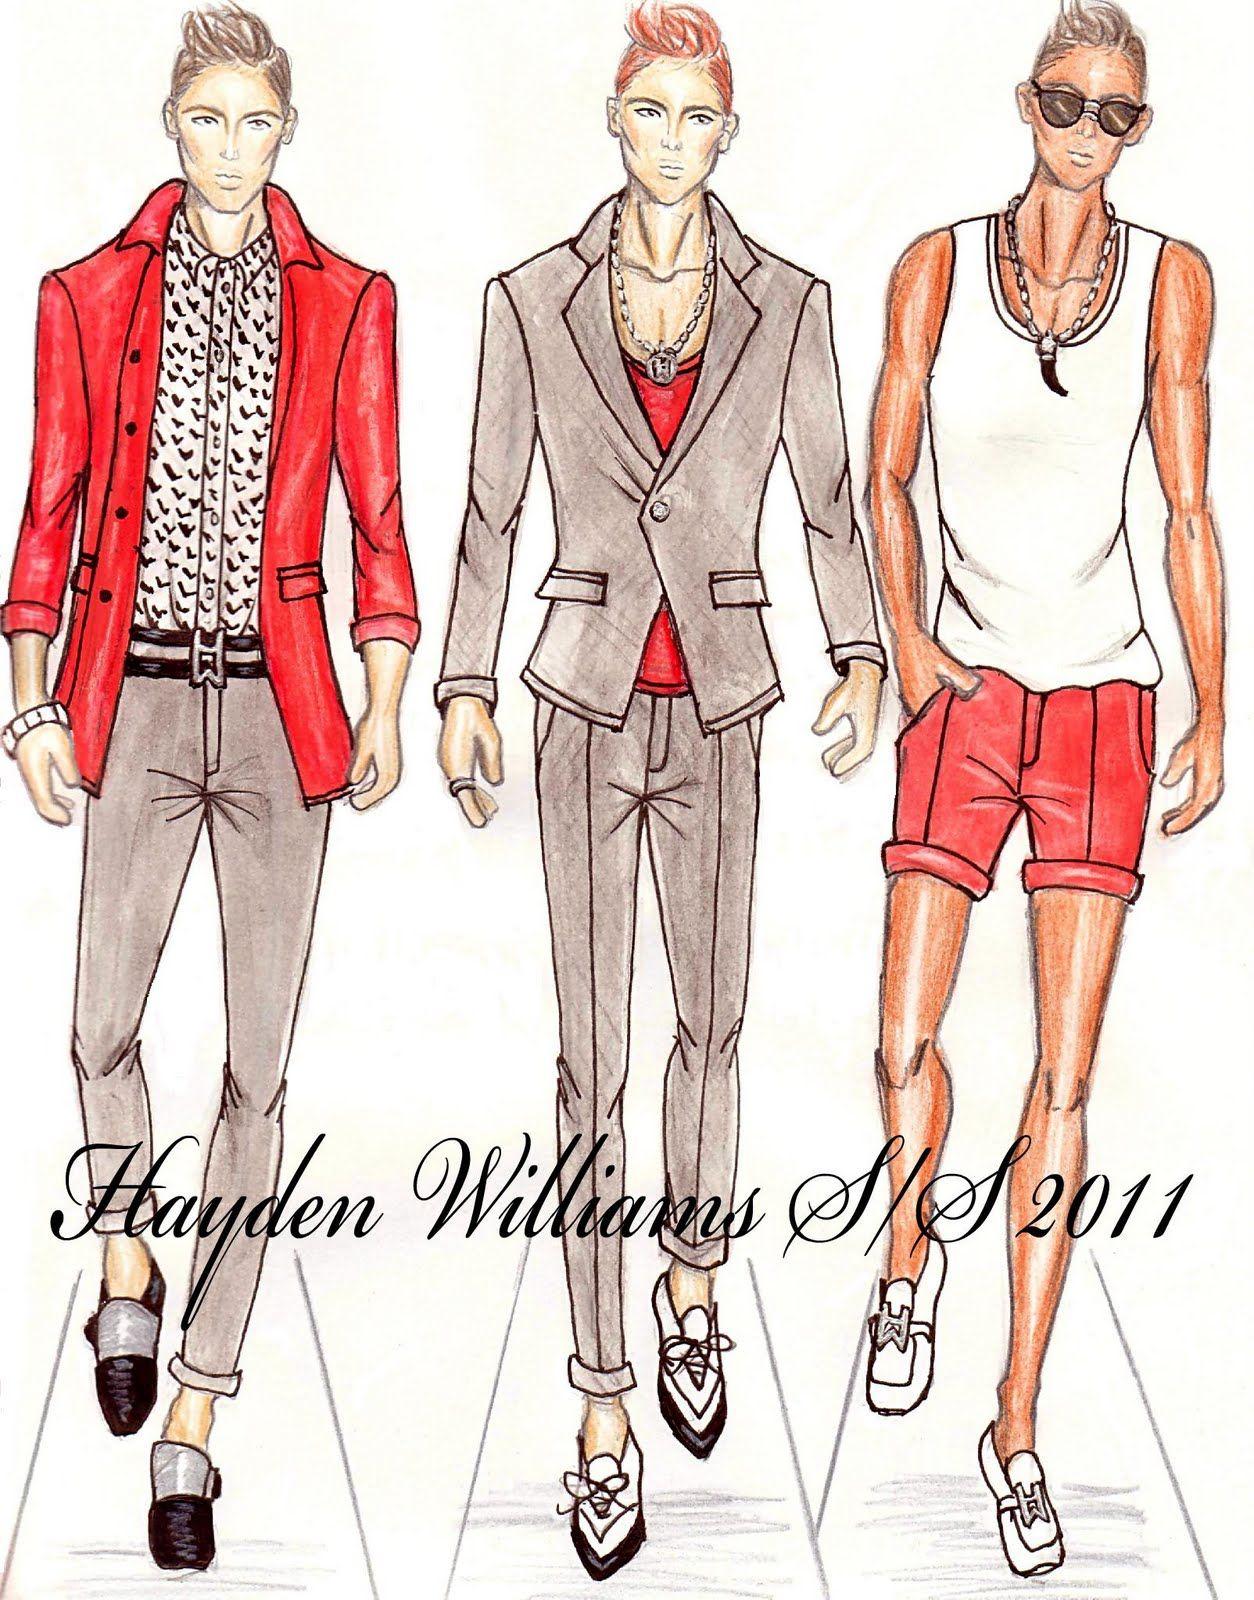 Hayden Williams Fashion Illustrations: September 2010